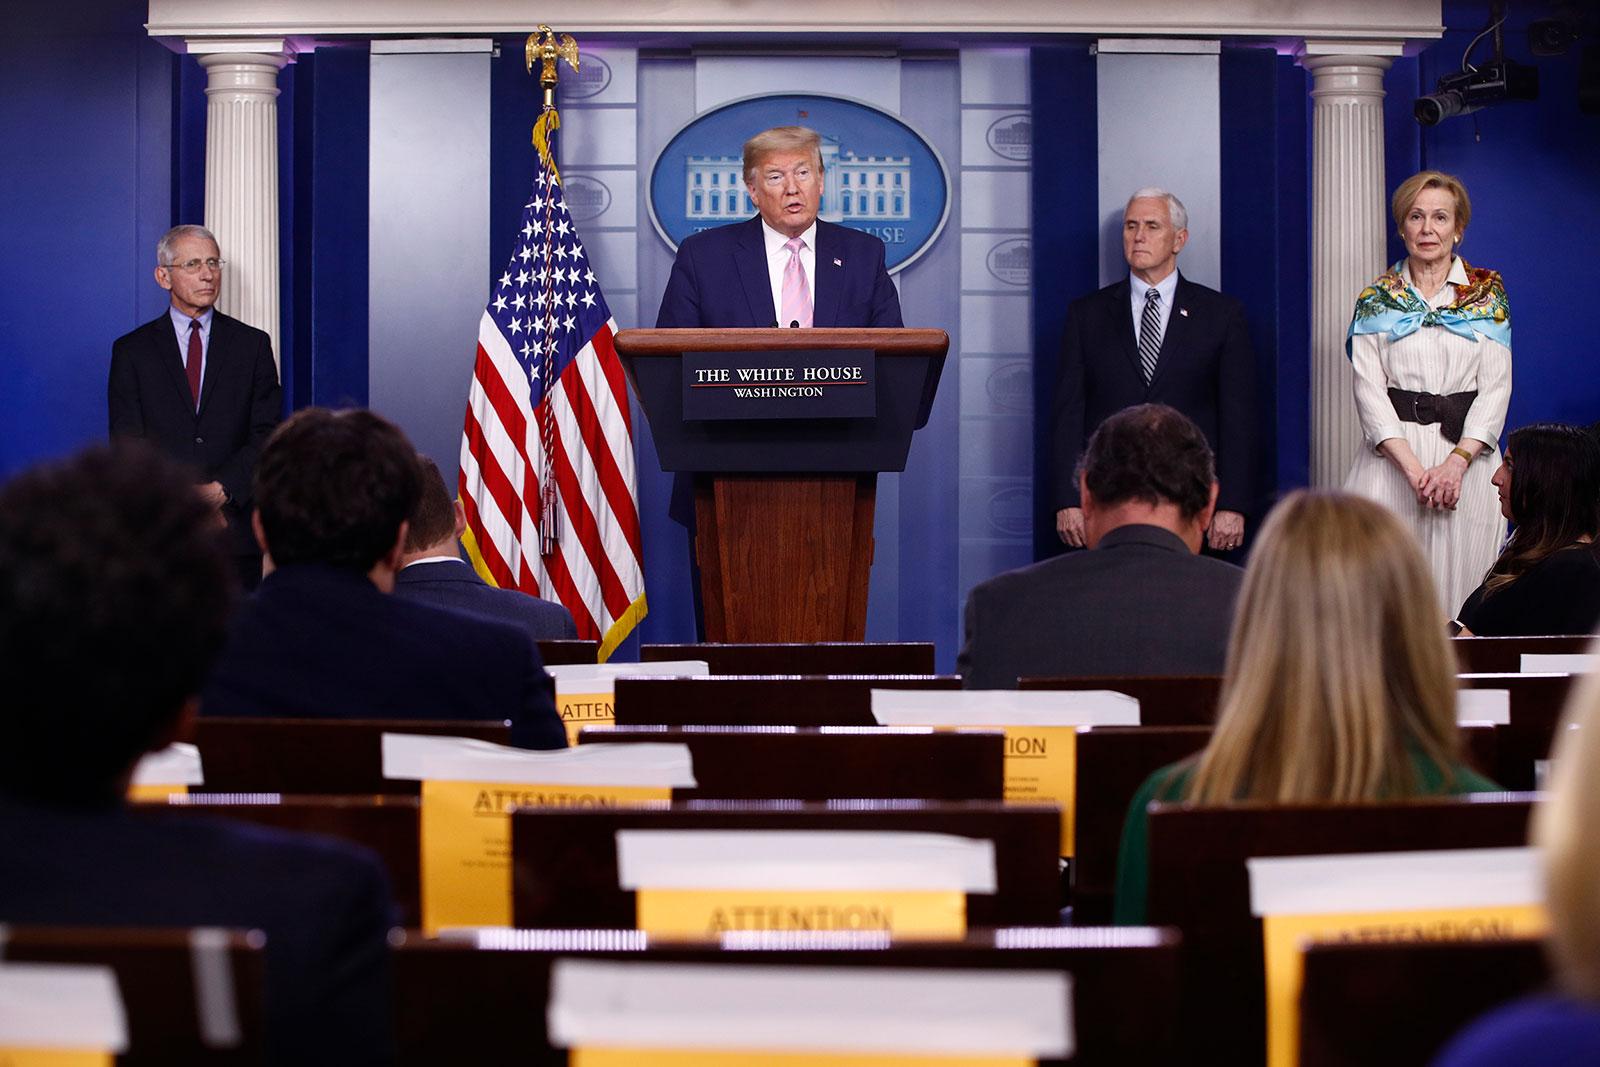 Ο Πρόεδρος είπε ότι αυτή την εβδομάδα και την επόμενη θα είναι πιθανώς το πιο δύσκολο στον αγώνα κατά coronavirus και ότι